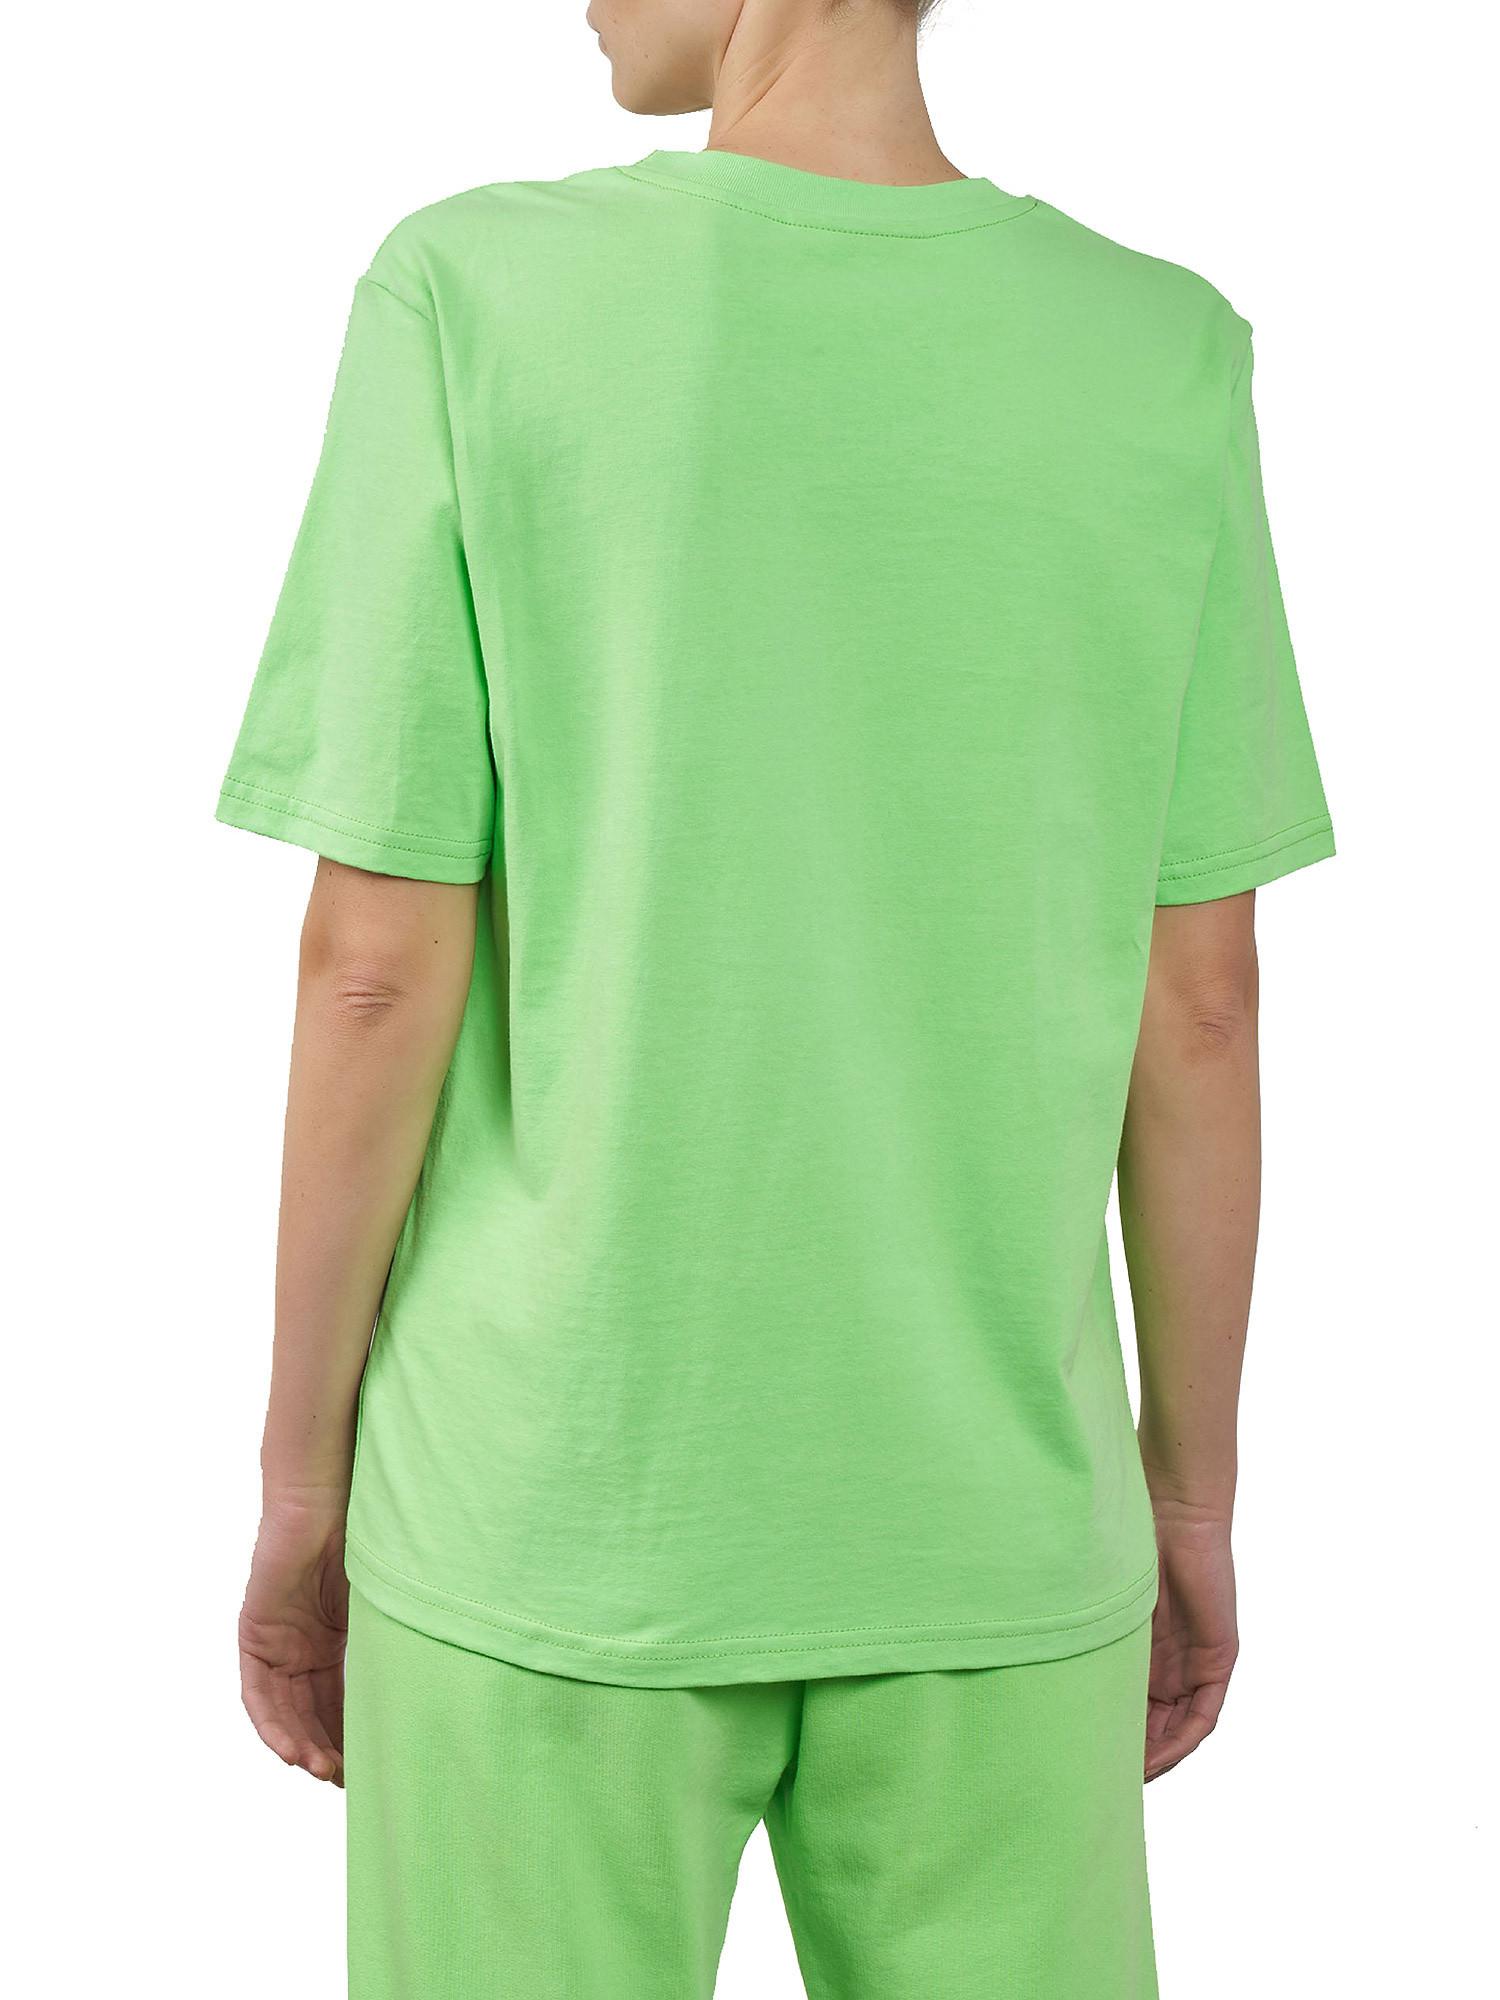 Eyelike patch T-Shirt over, Verde acido, large image number 1